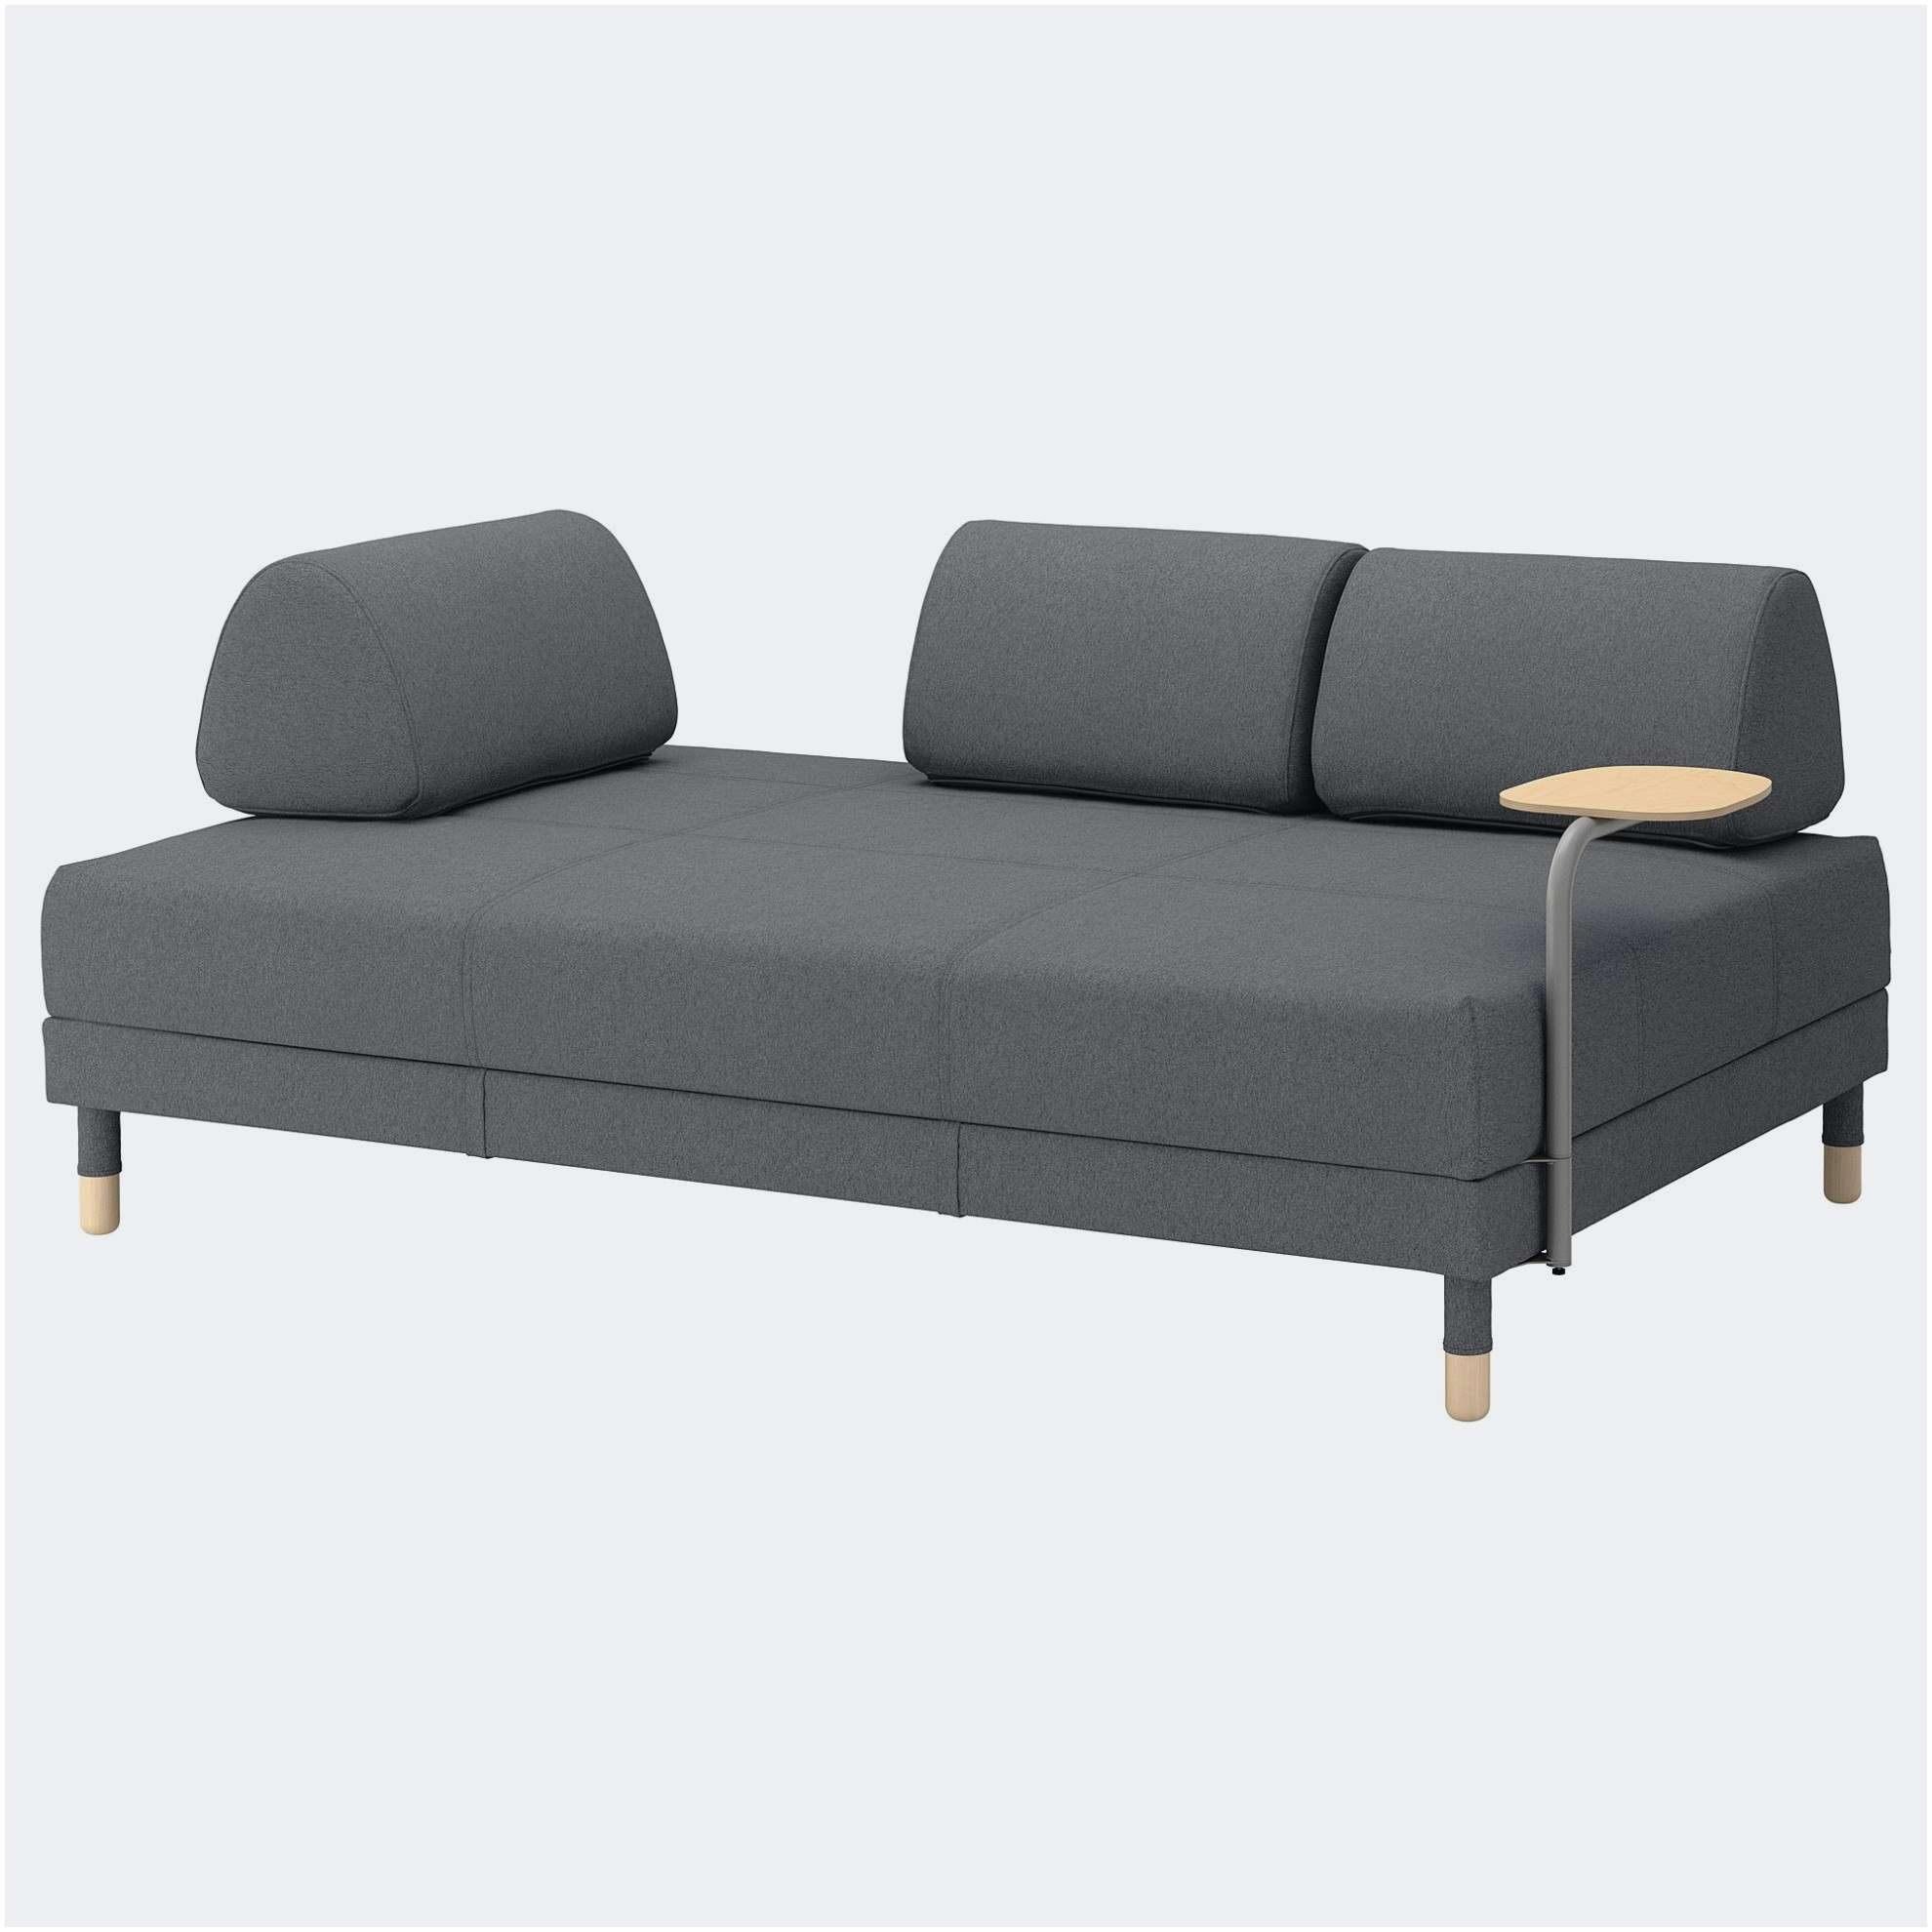 La Redoute Canapé Lit Belle Frais 21 Satisfaisant Canapé Convertible Pas Cher Ikea Canapé